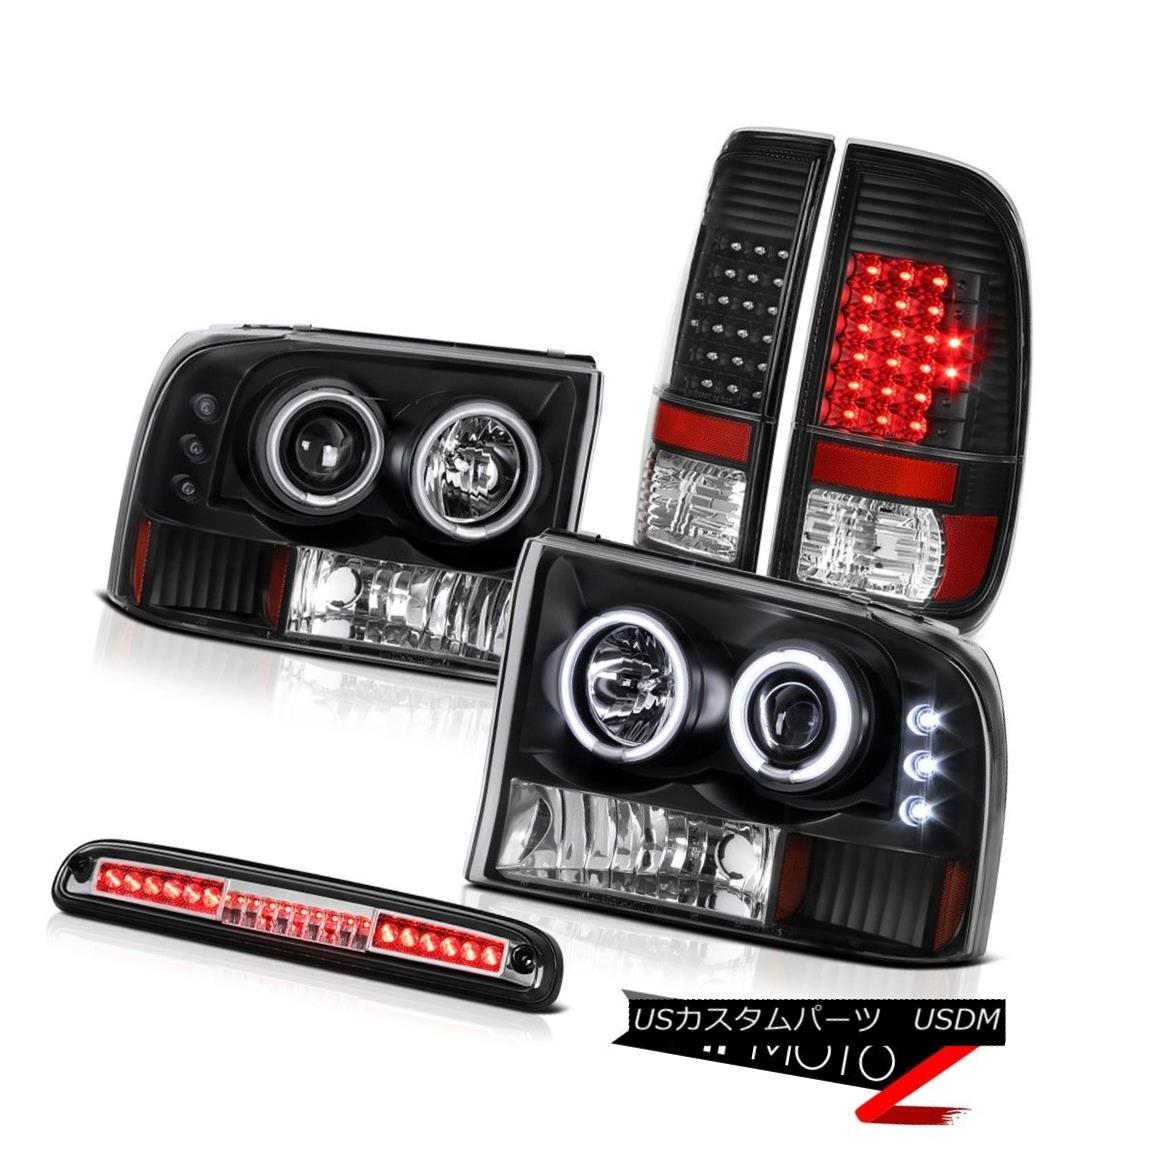 テールライト 1999-2004 F350 Turbo Diesel Angel Eye DRL Headlights LED Black Taillamps Brake 1999-2004 F350ターボディーゼルエンジェルアイDRLヘッドライトLEDブラックタイランプブレーキ